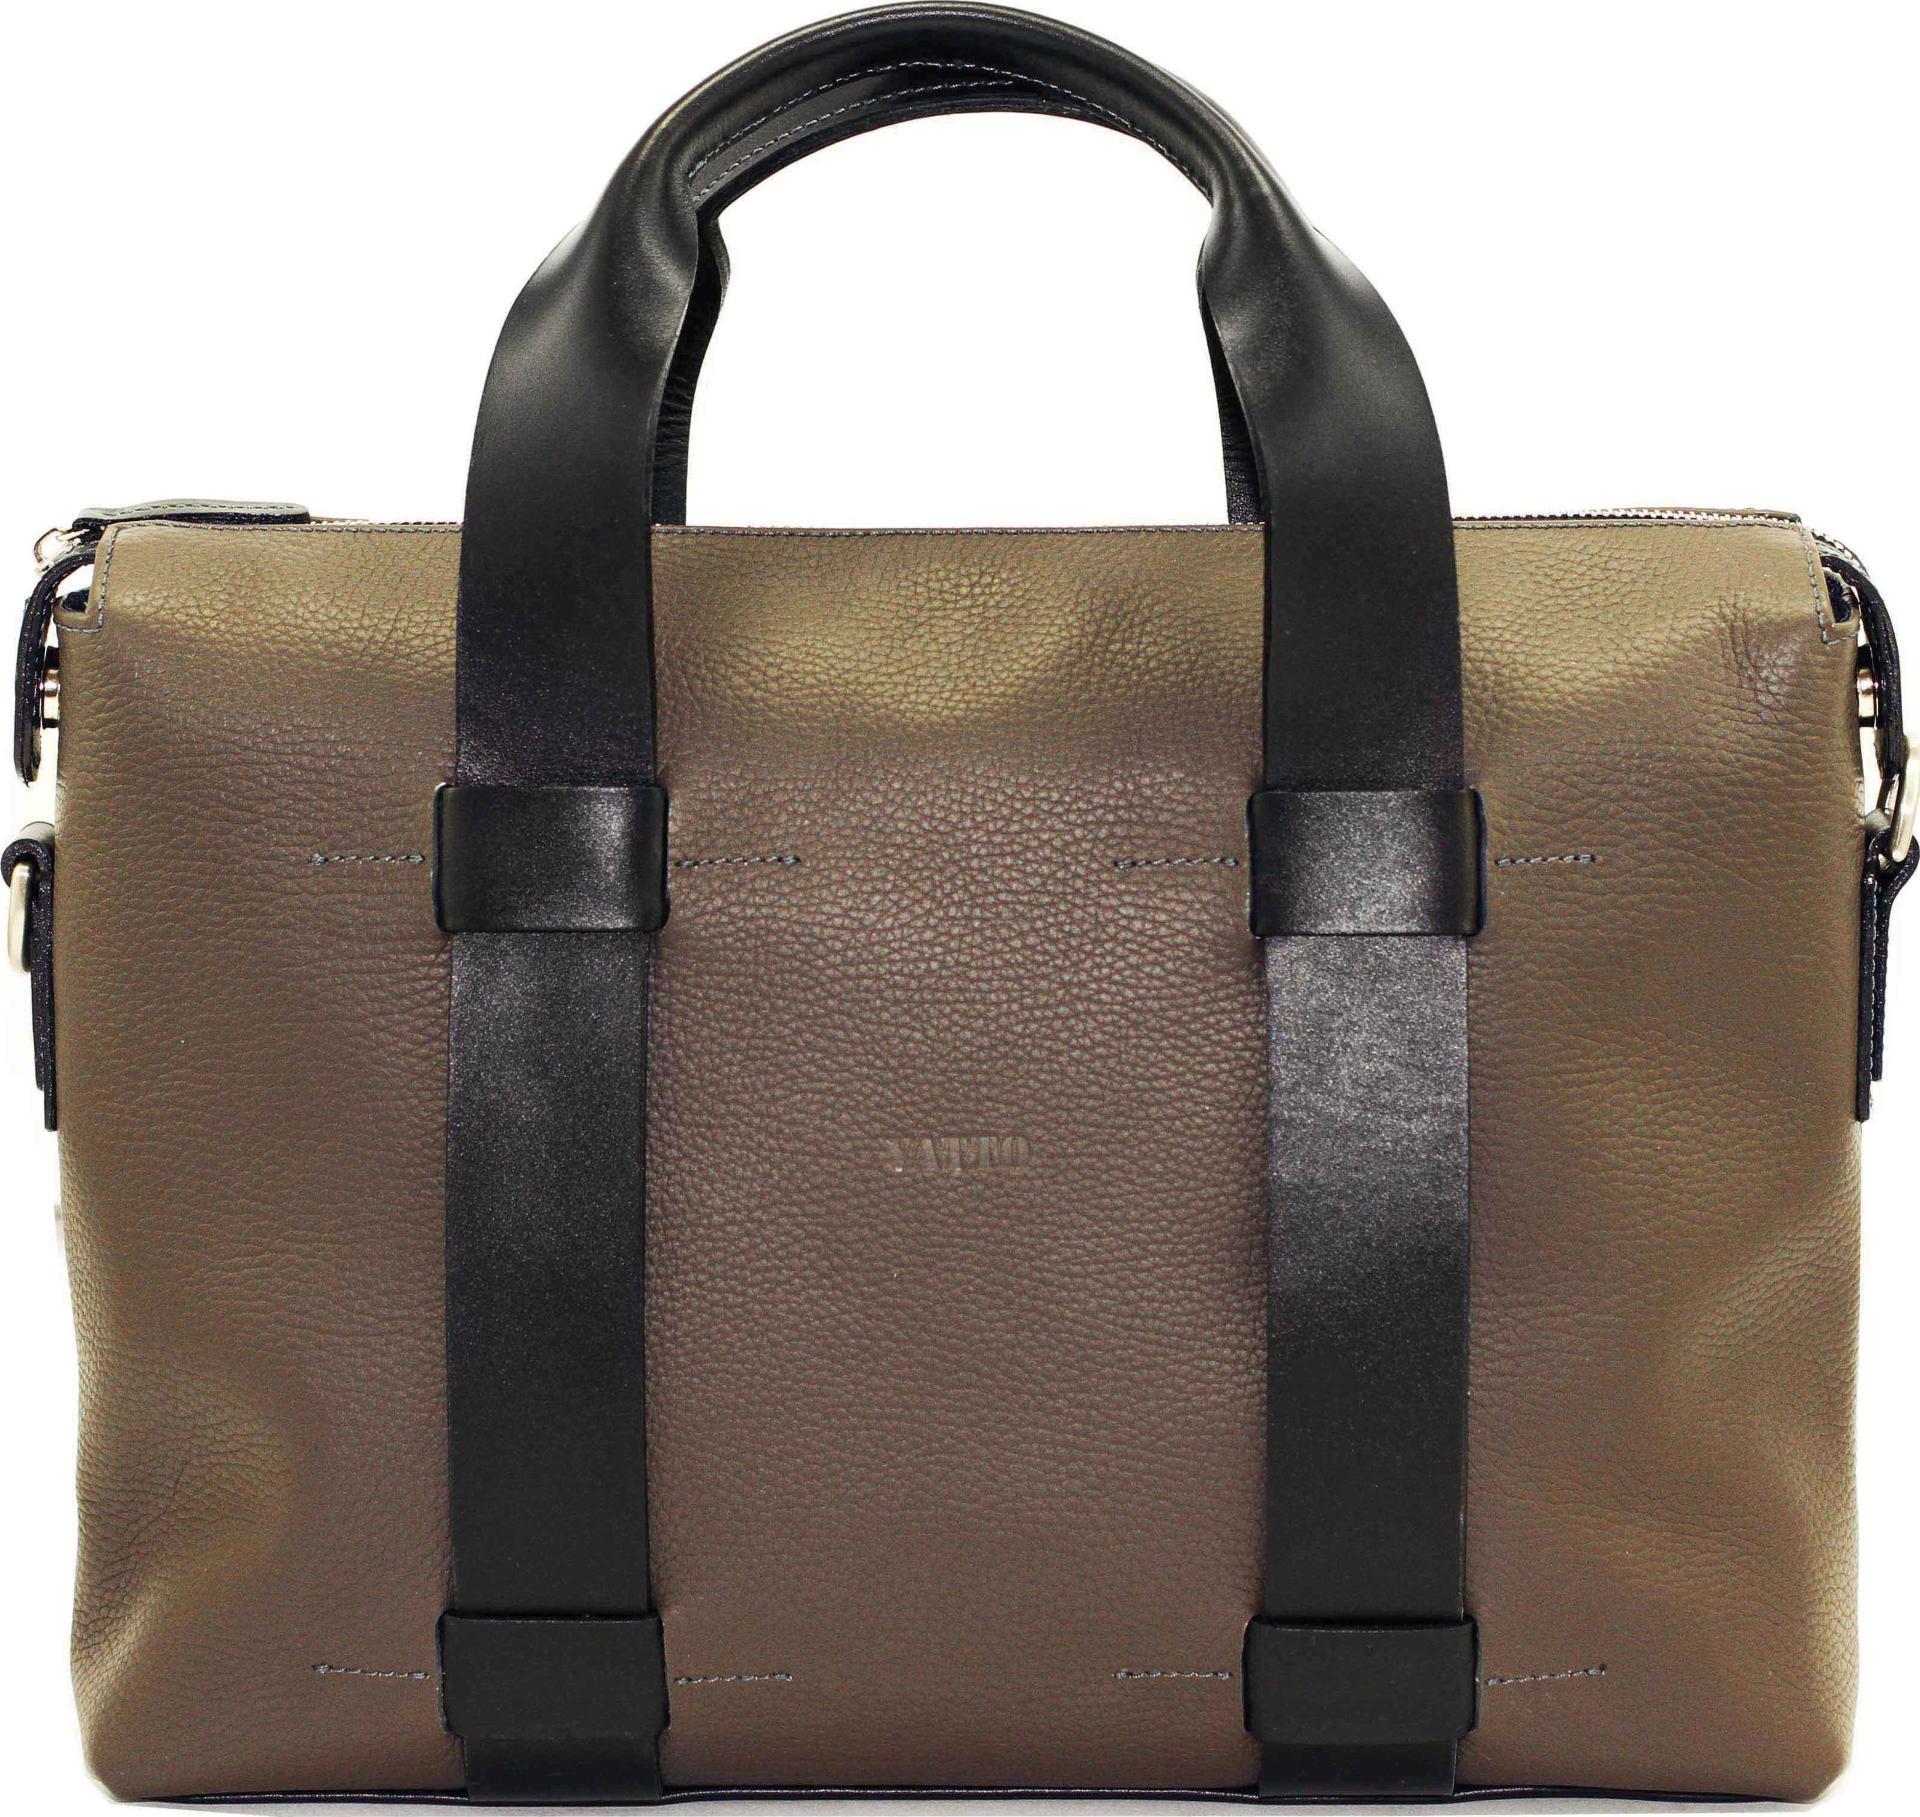 007a878a9c6c Мужская сумка серого цвета VATTO (11963) купить в Киеве, цена | MODNOTAK